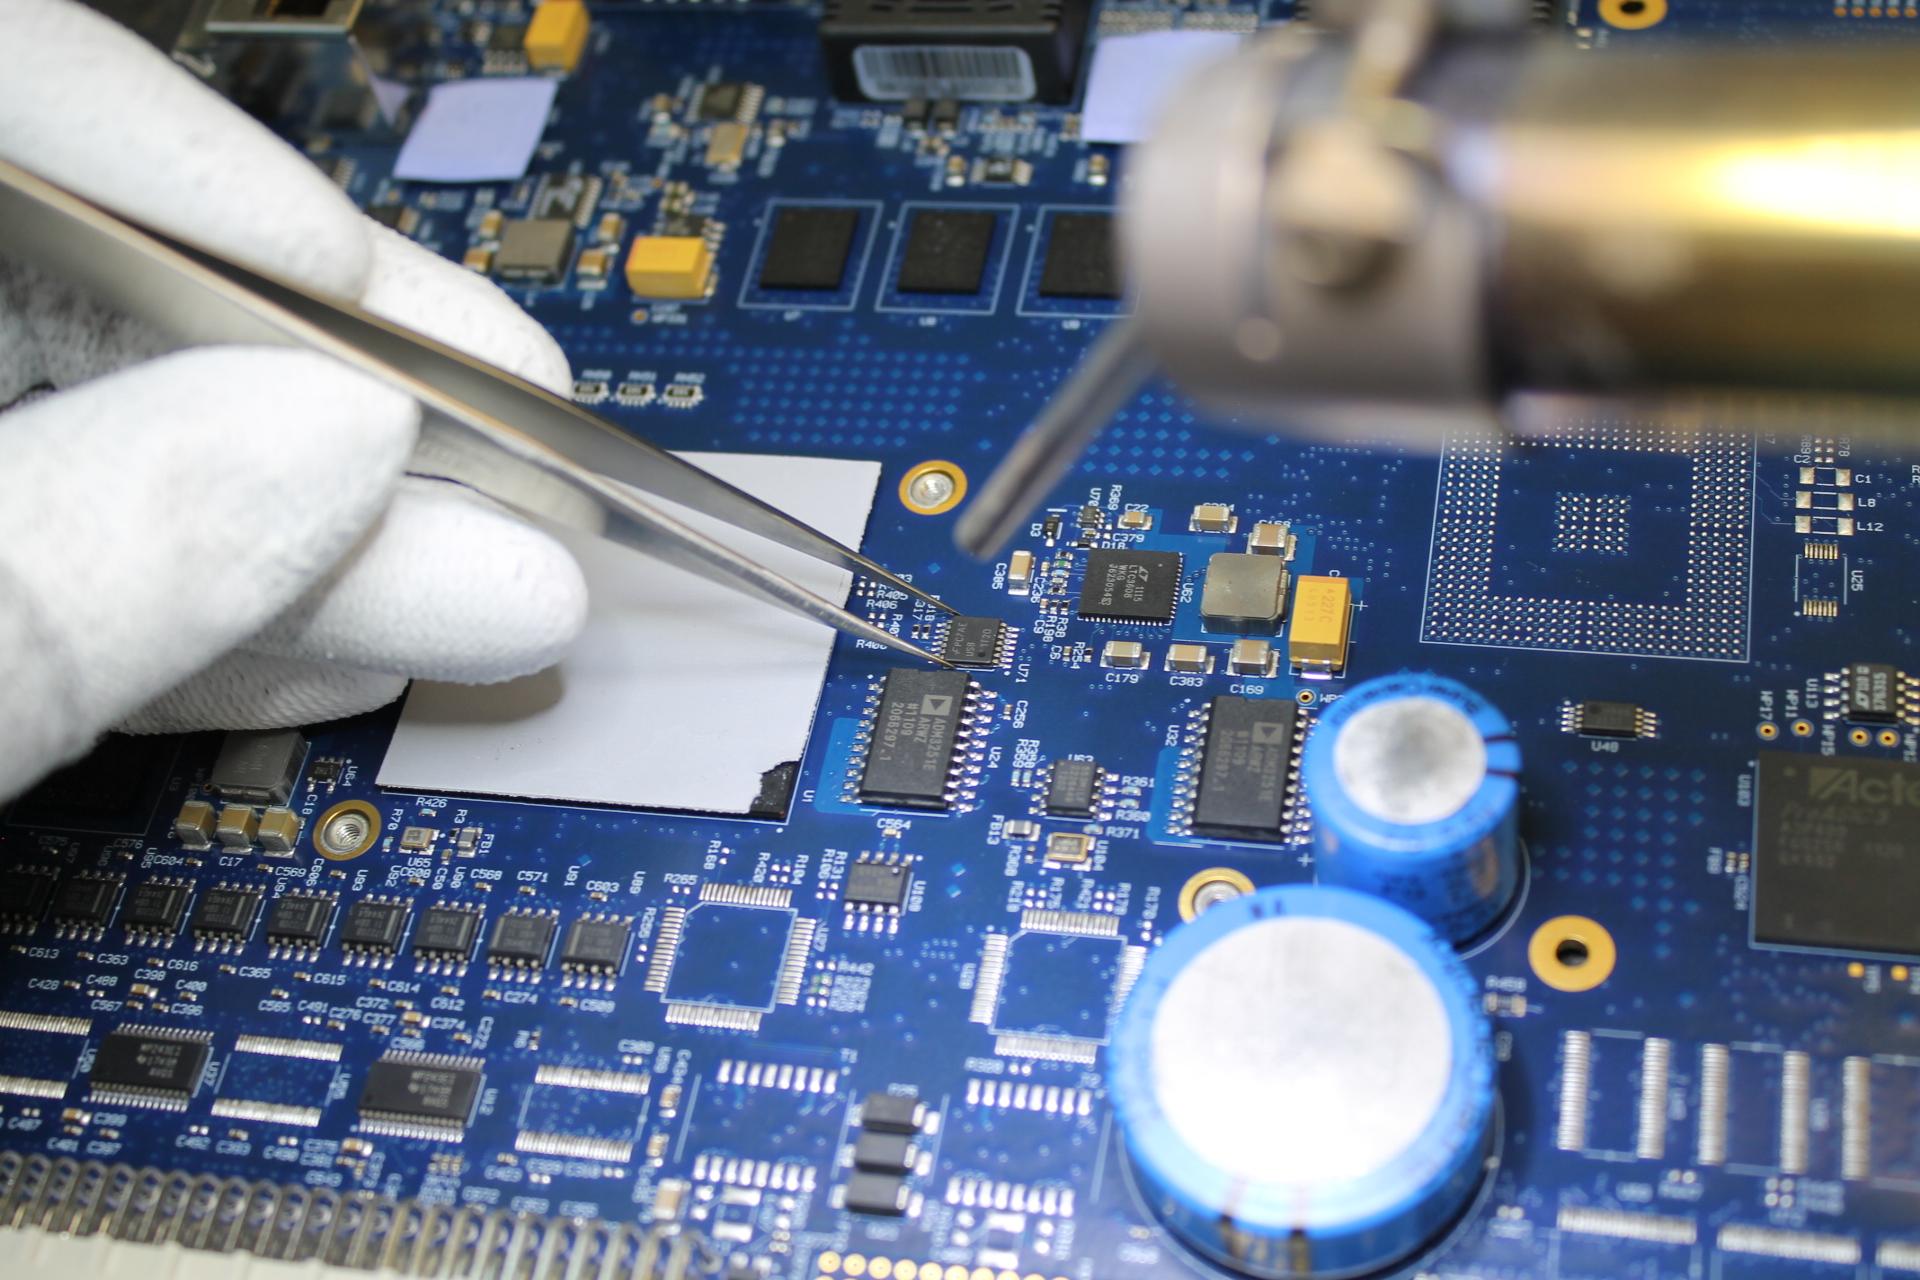 Elektronikreparaturen